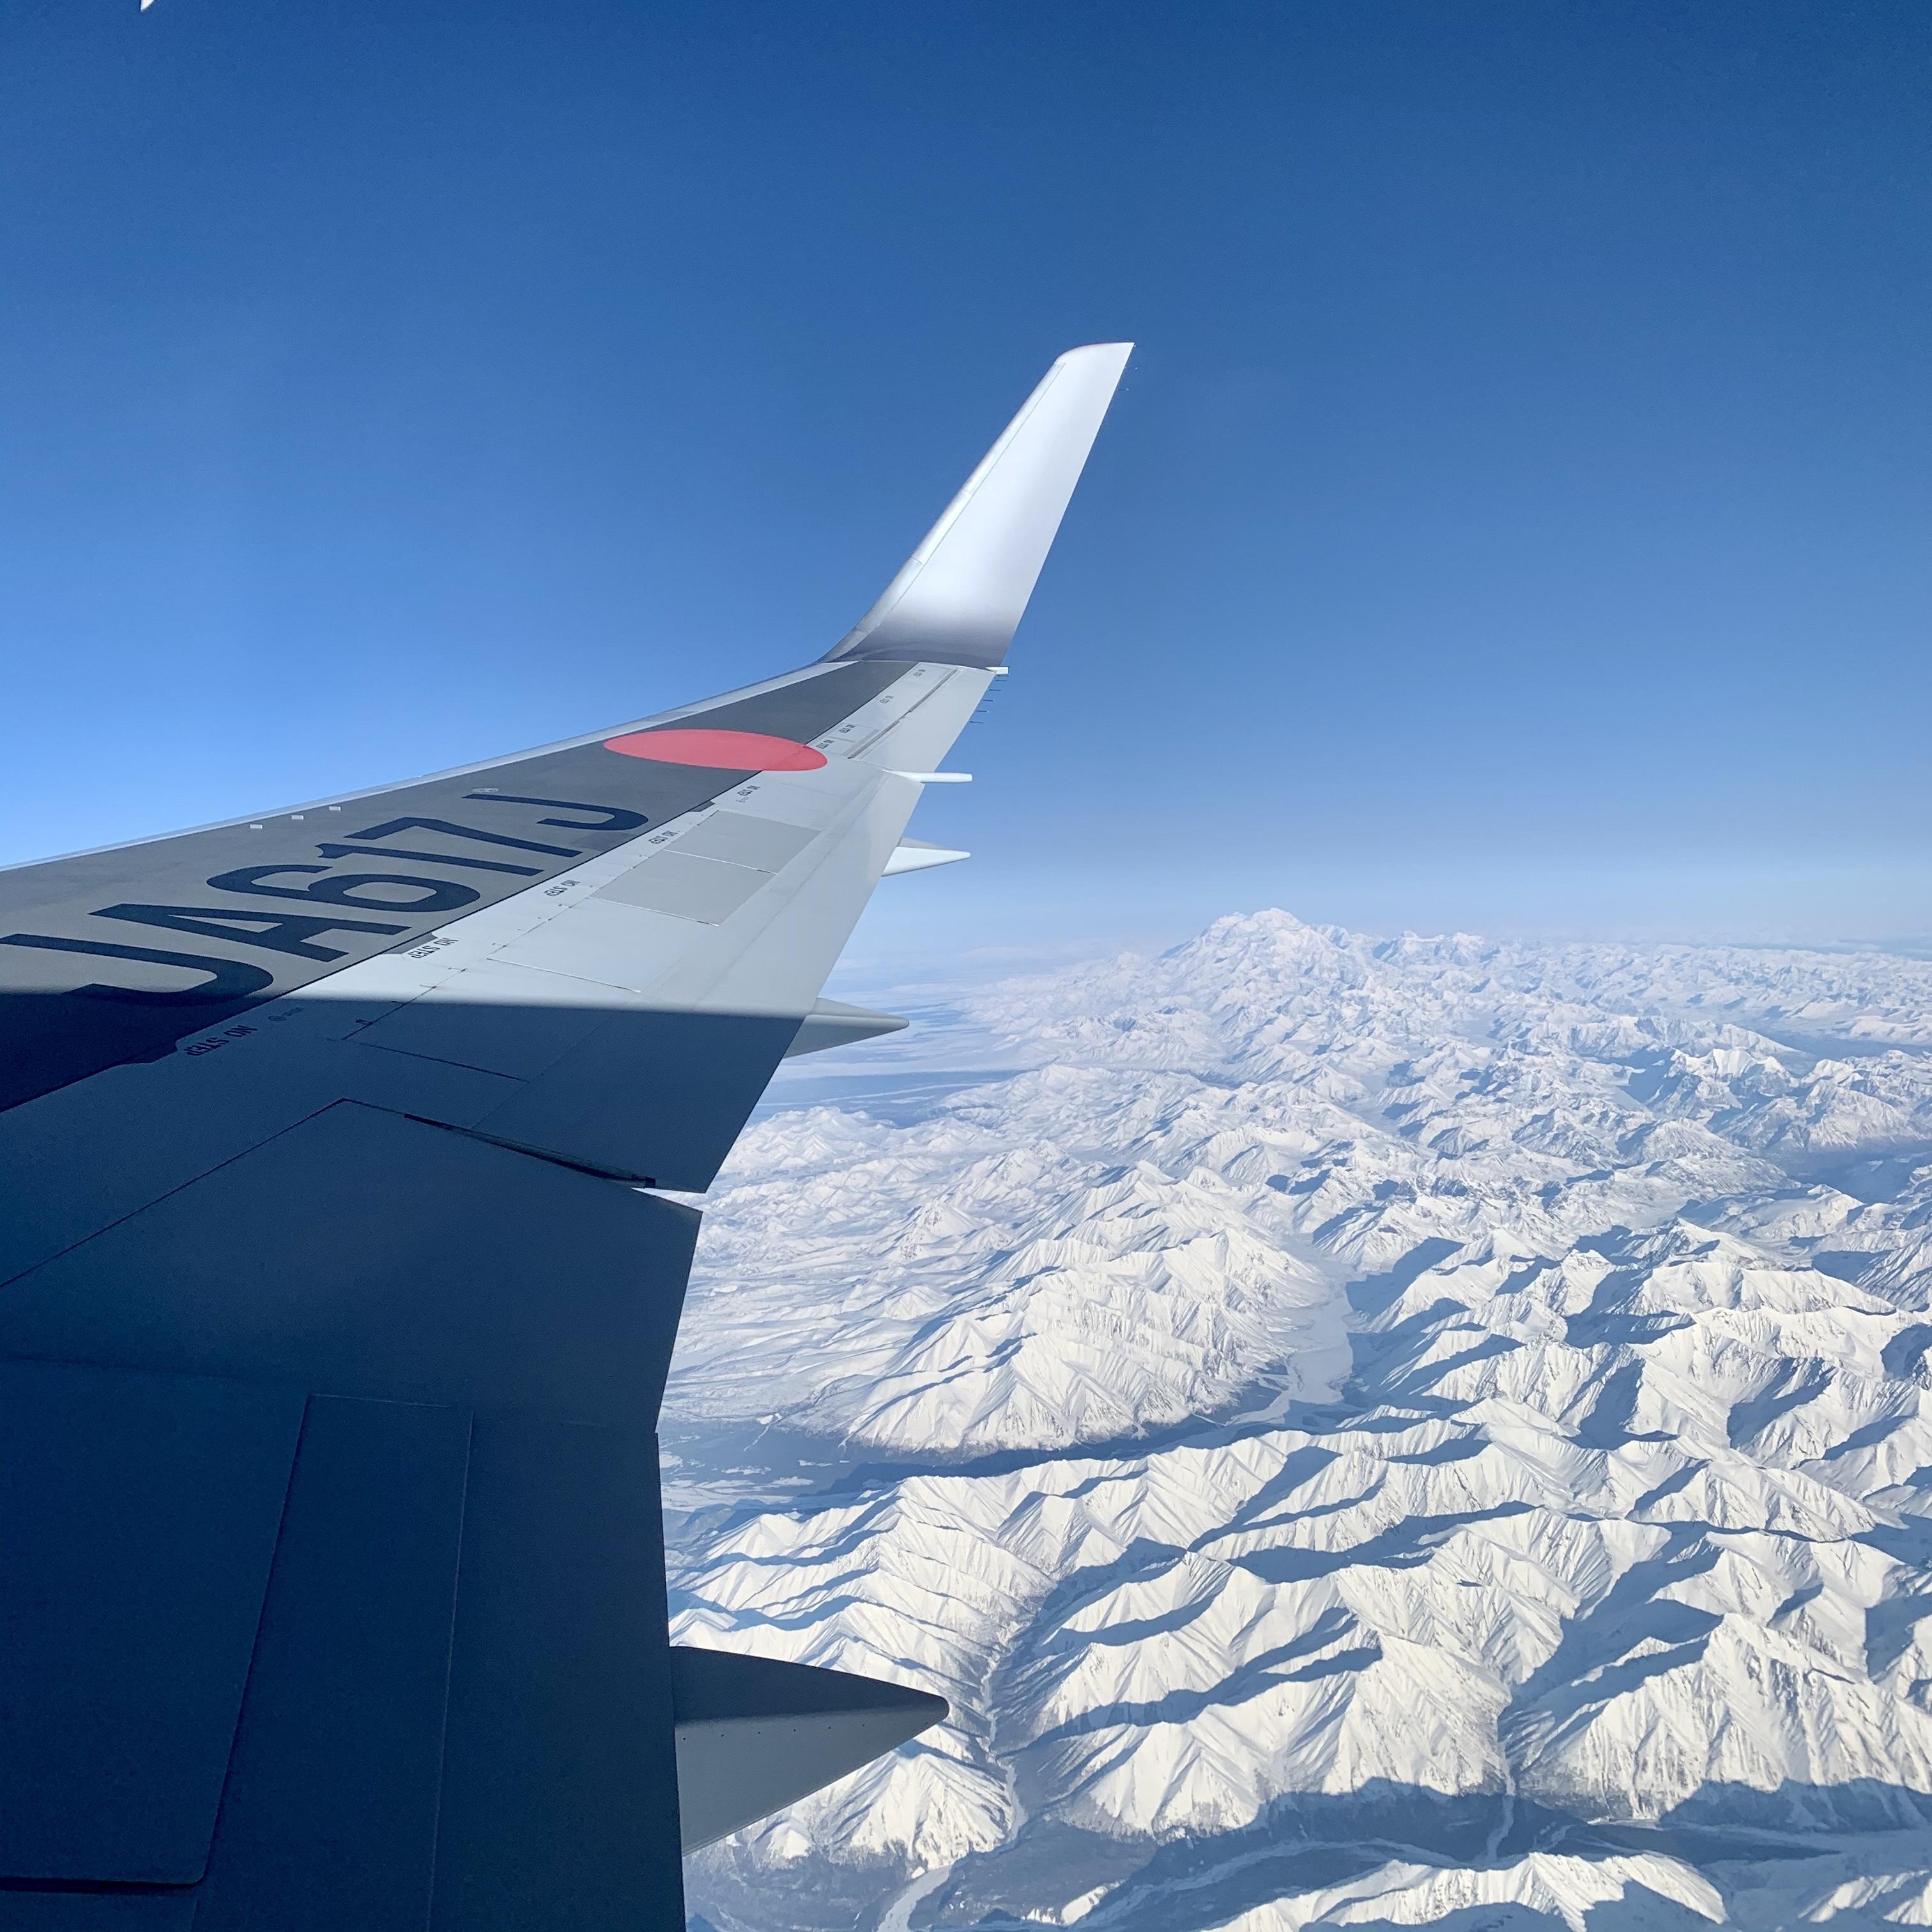 JALのビジネスクラスは何が違う?サービスや航空運賃など特徴を解説!